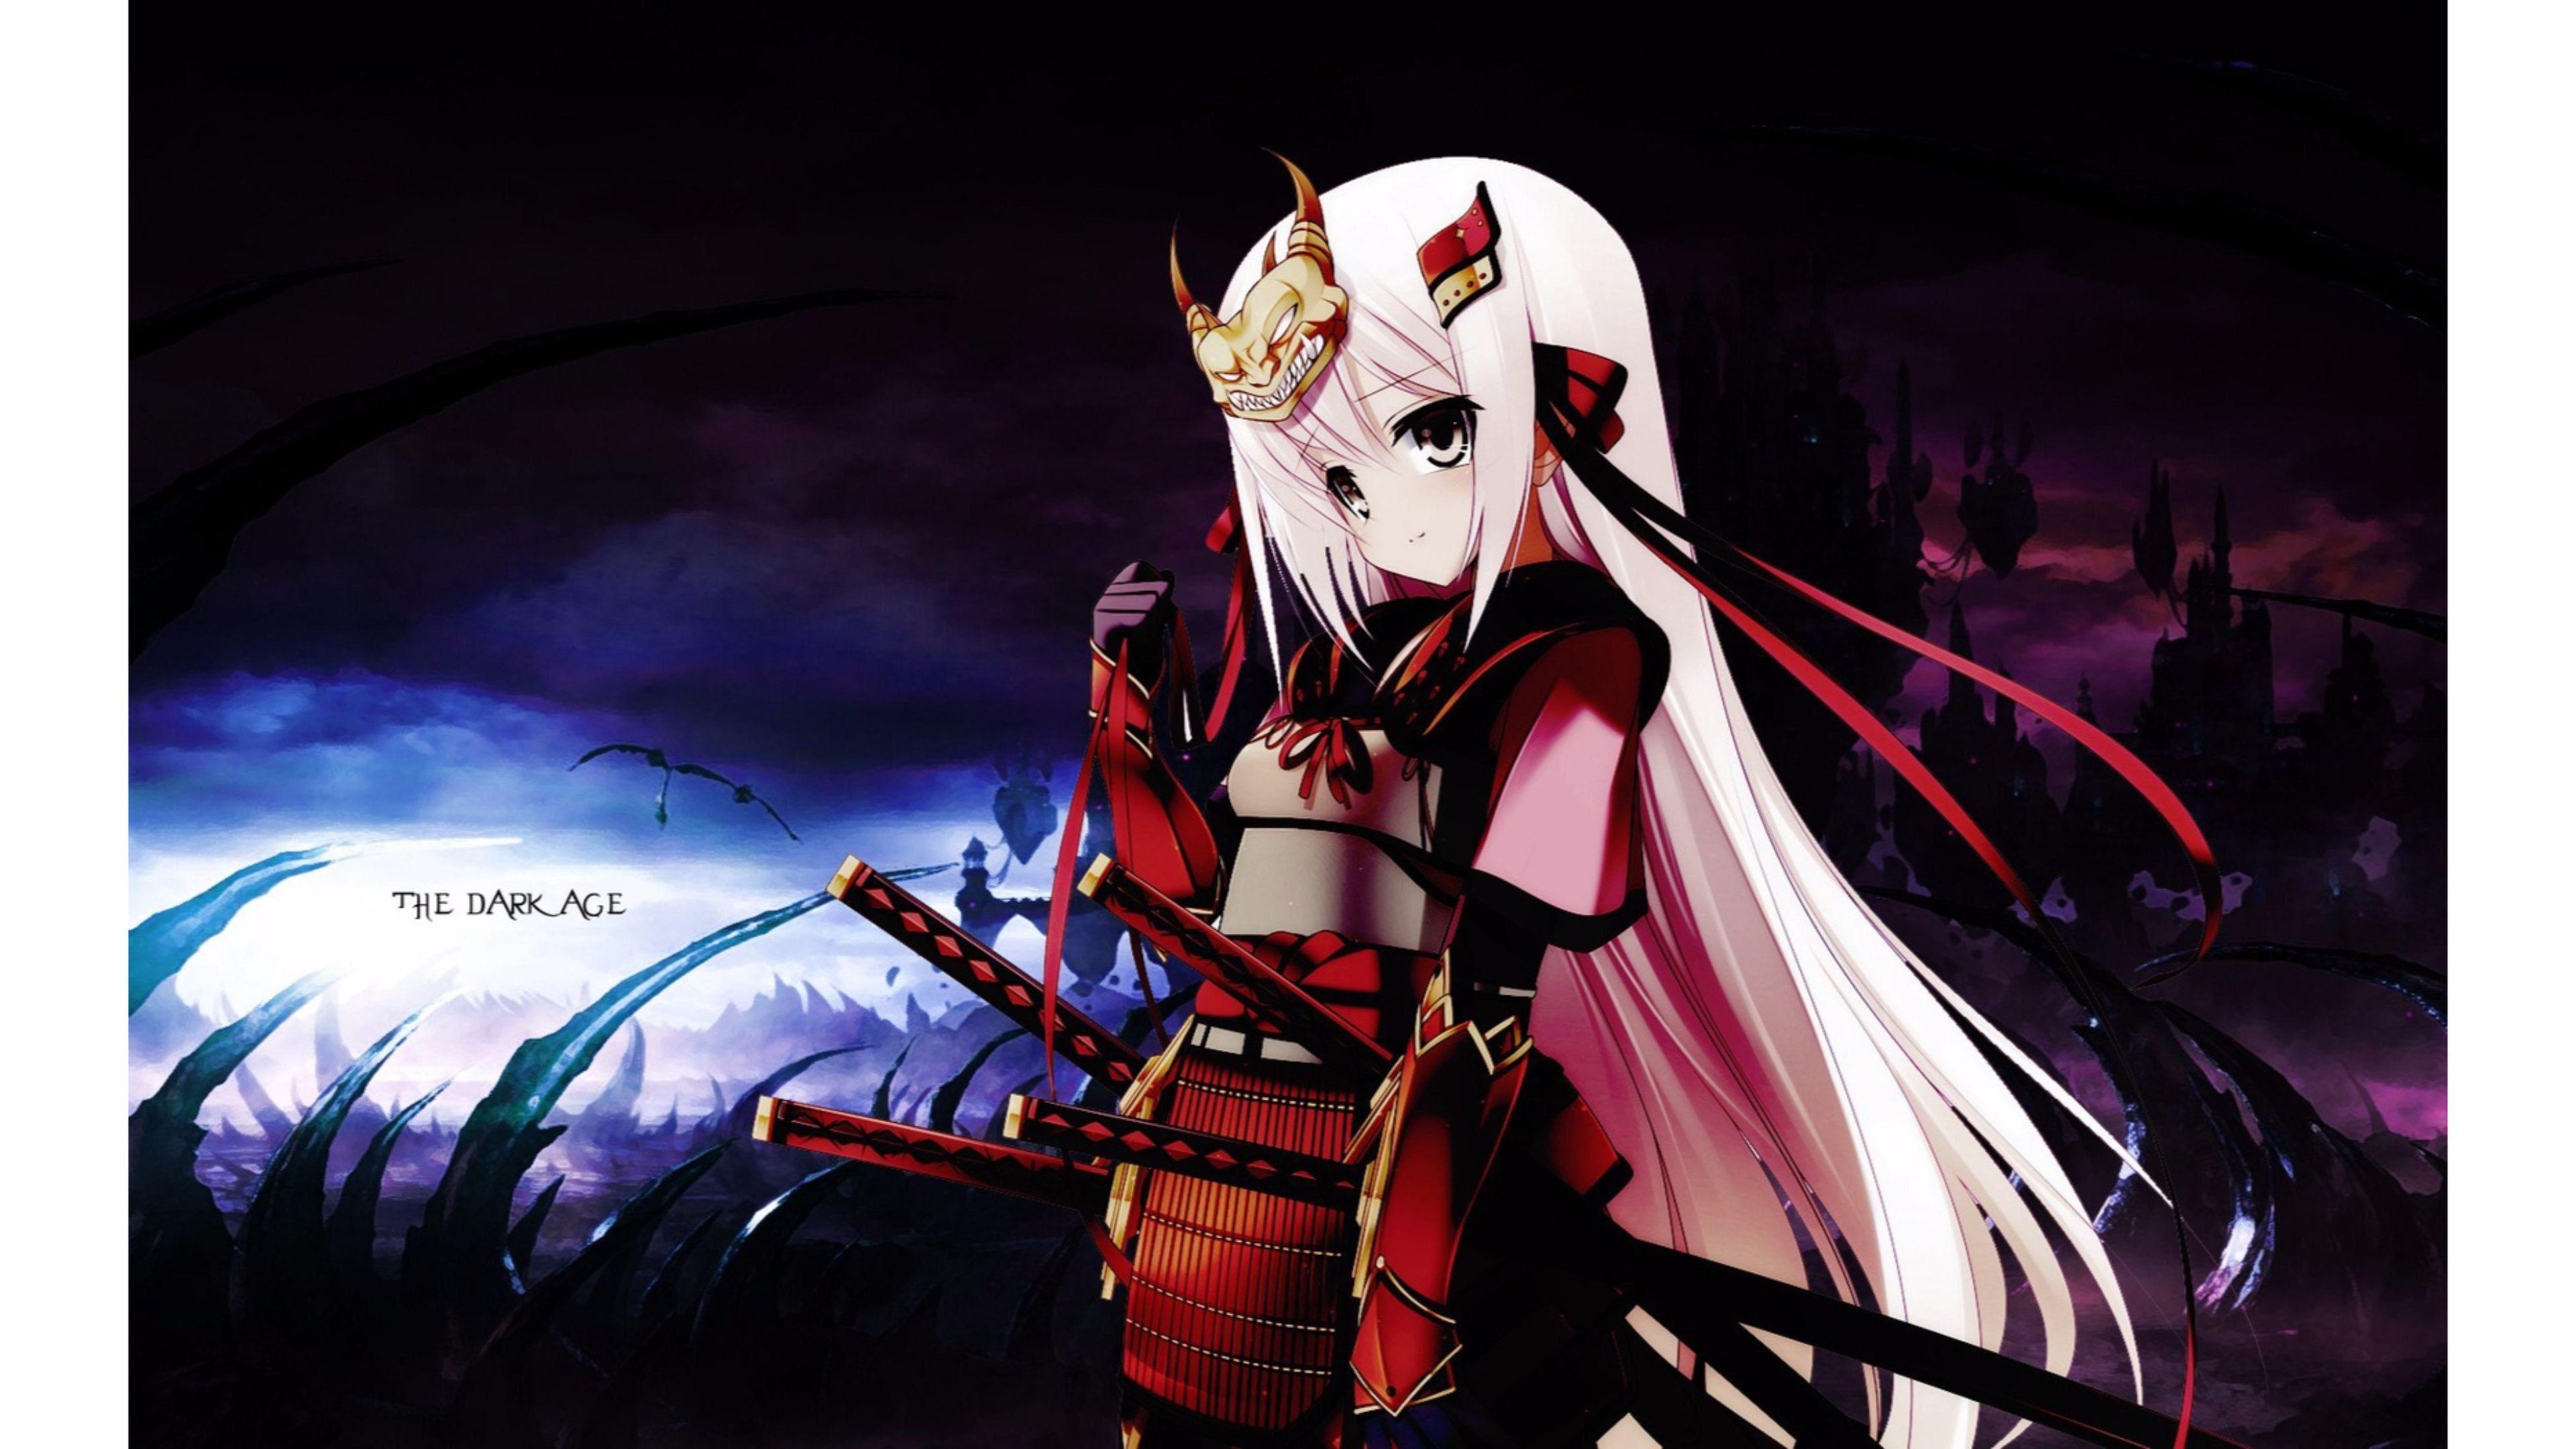 4K Anime Wallpapers  WallpaperSafari